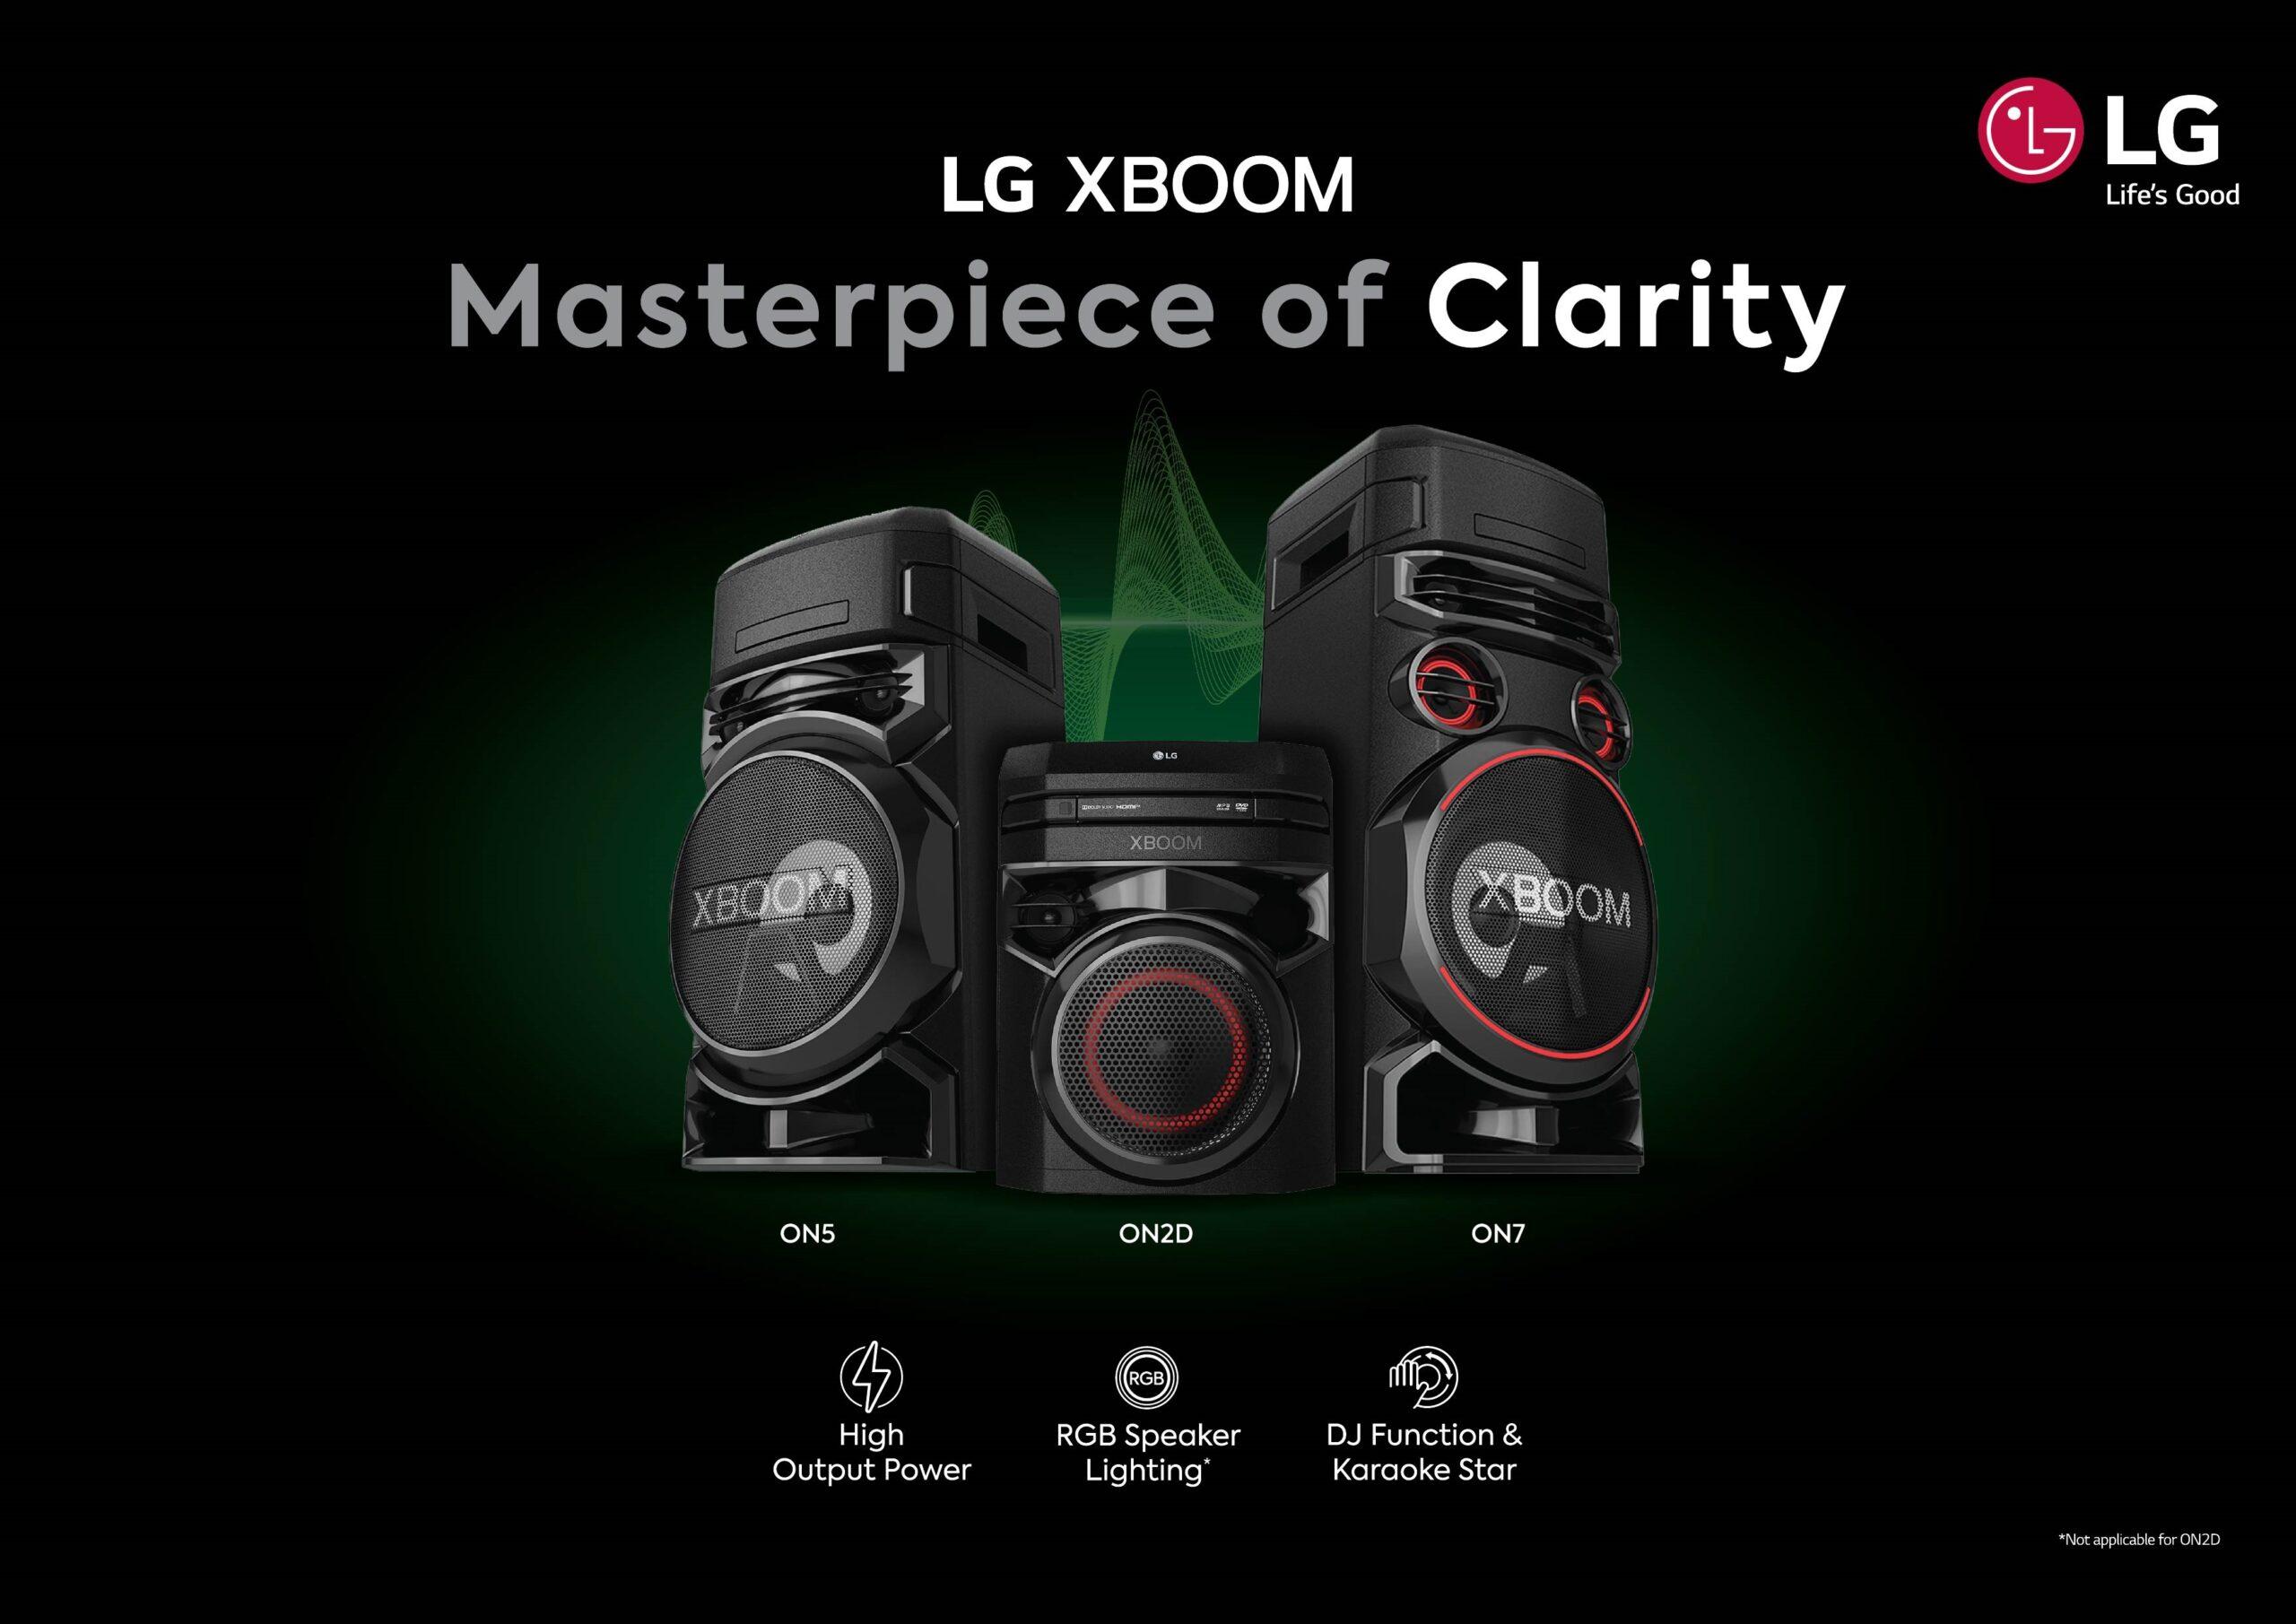 LG XBOOM ON